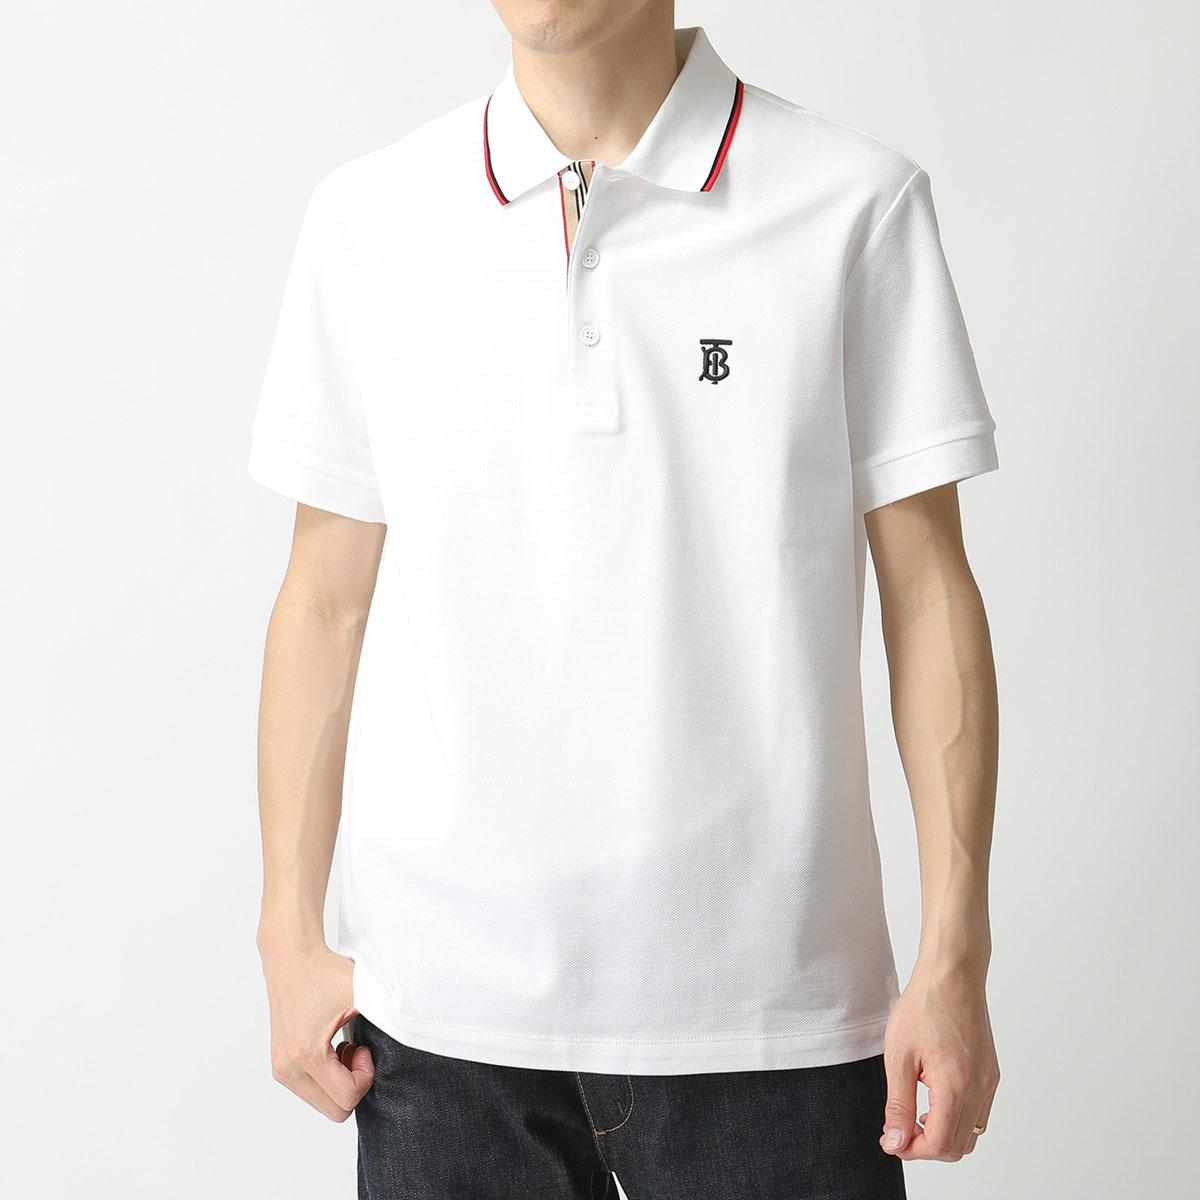 BURBERRY バーバリー 8017004 鹿の子 半袖 ポロシャツ TB刺繍 WHITE メンズ